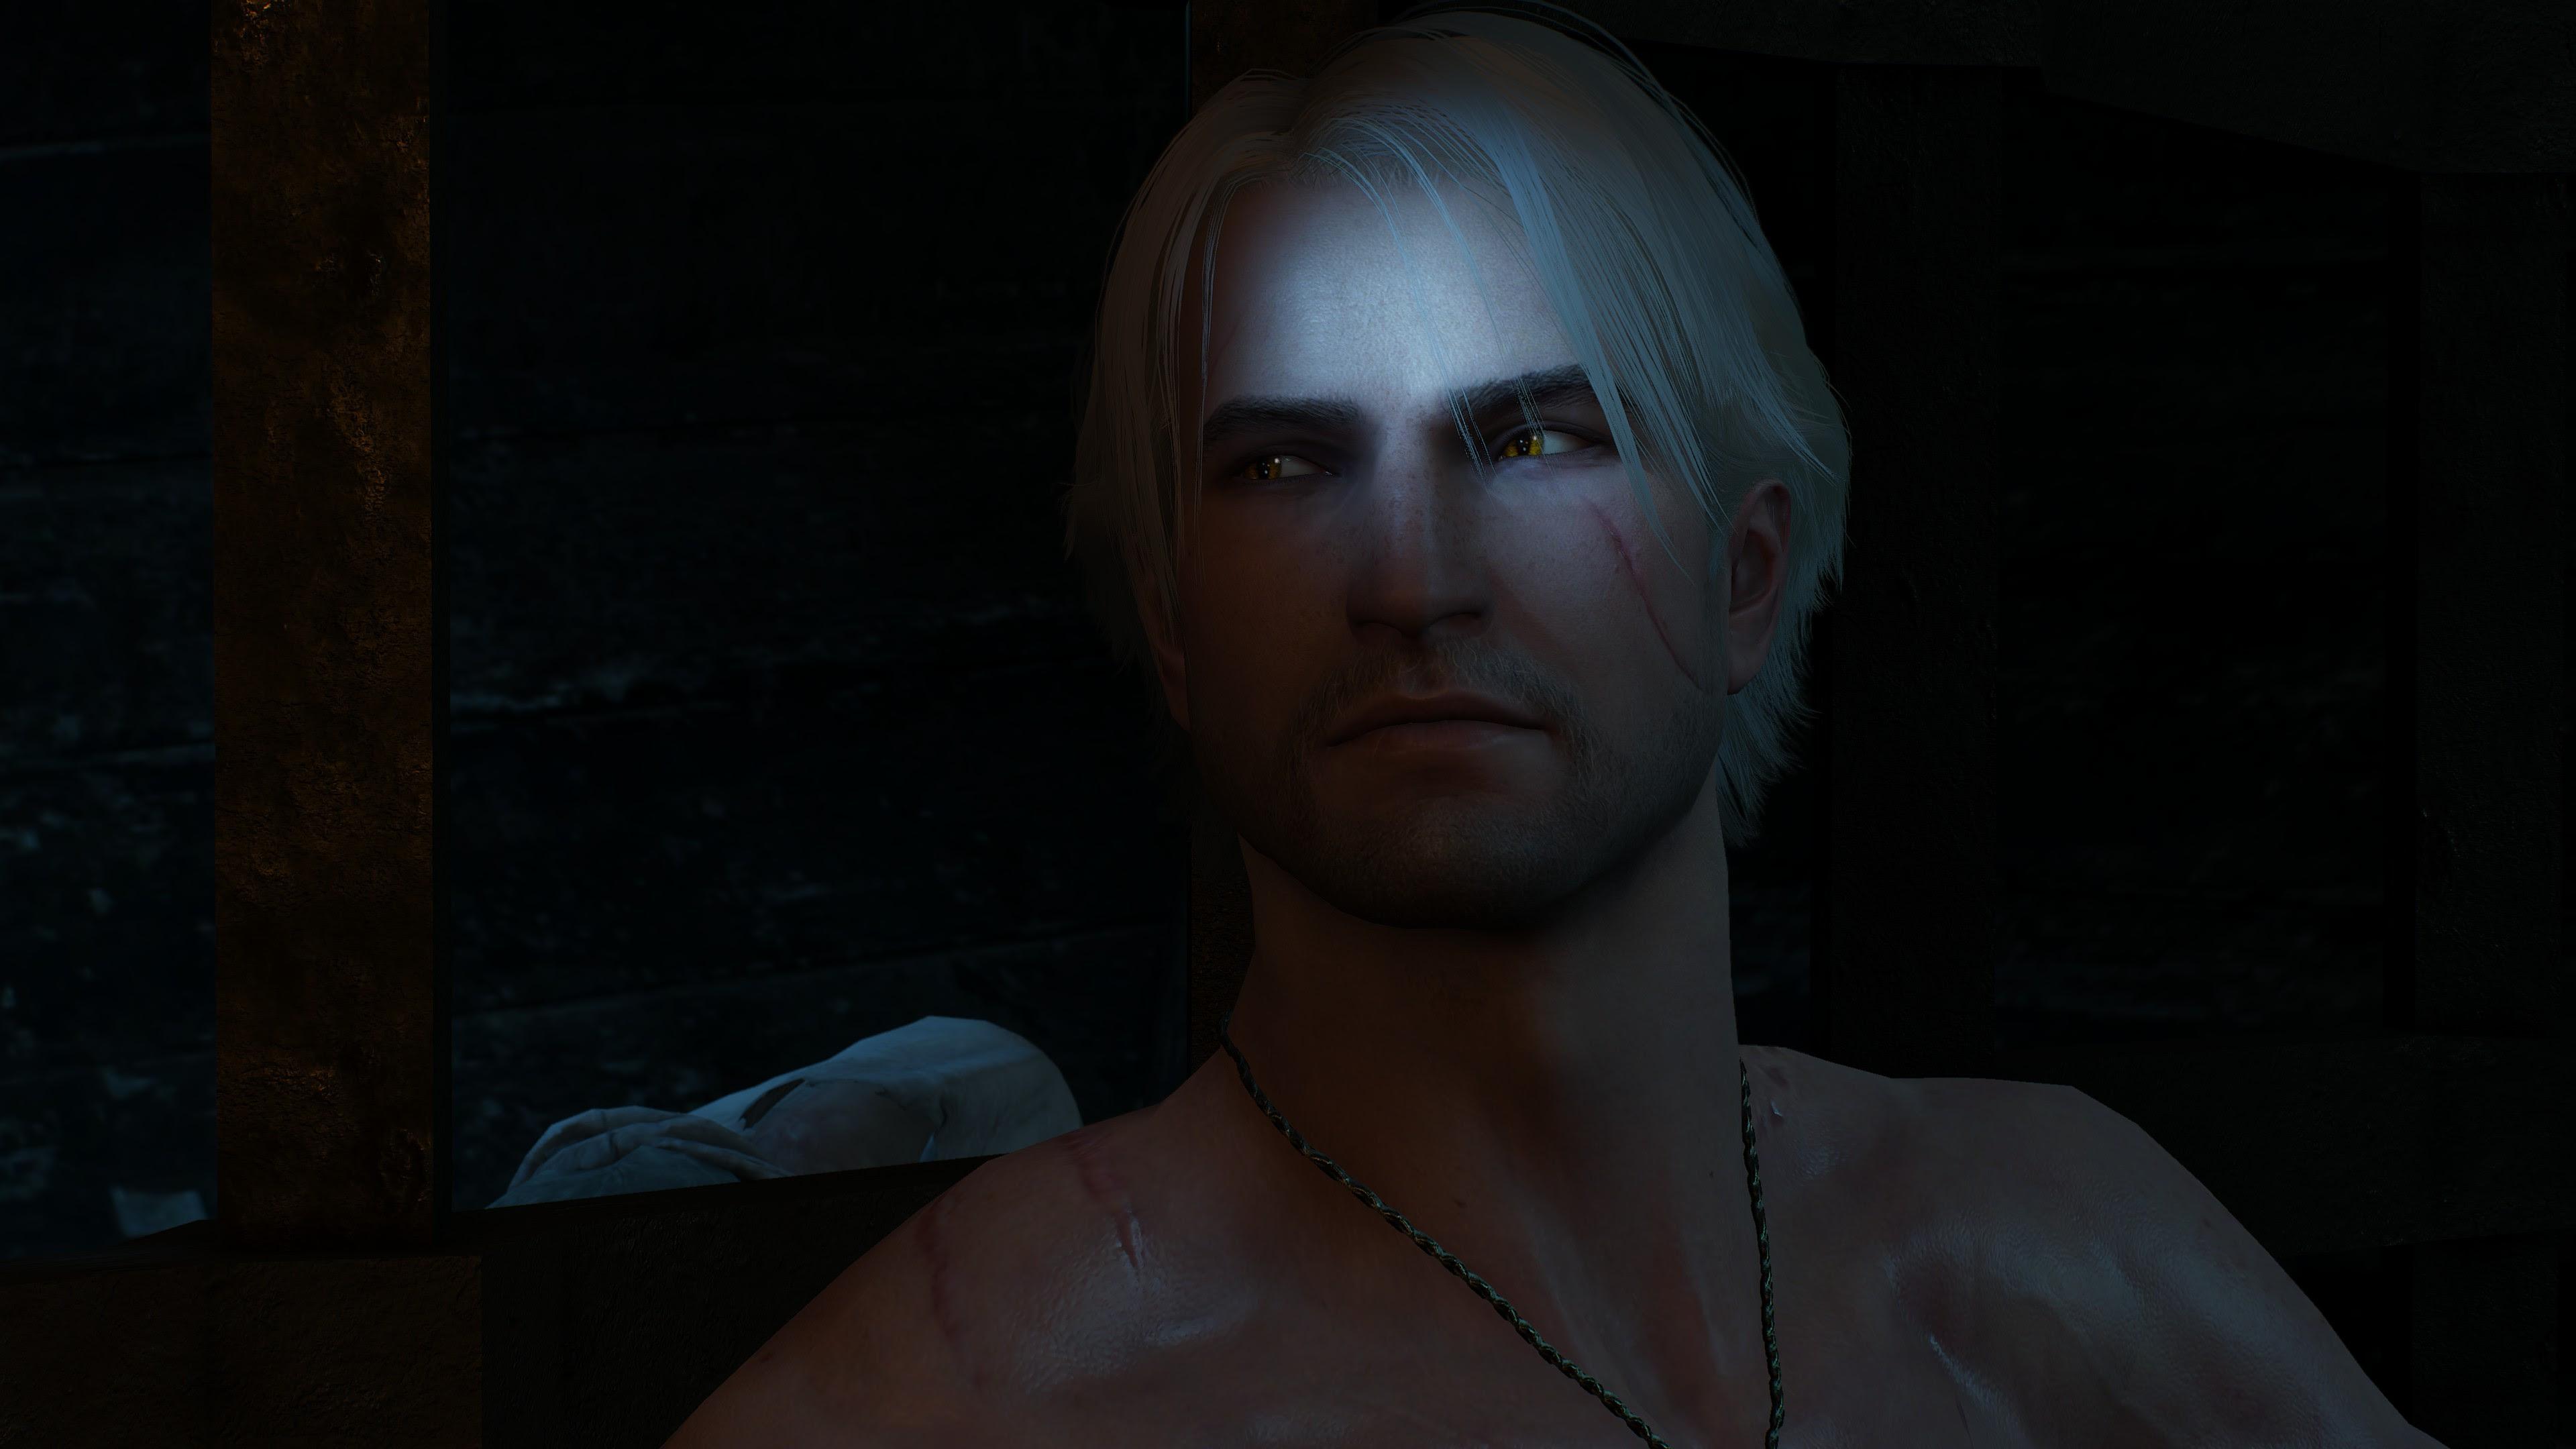 The Witcher 3 Mod Macht Geralt Wieder Jung Knackig